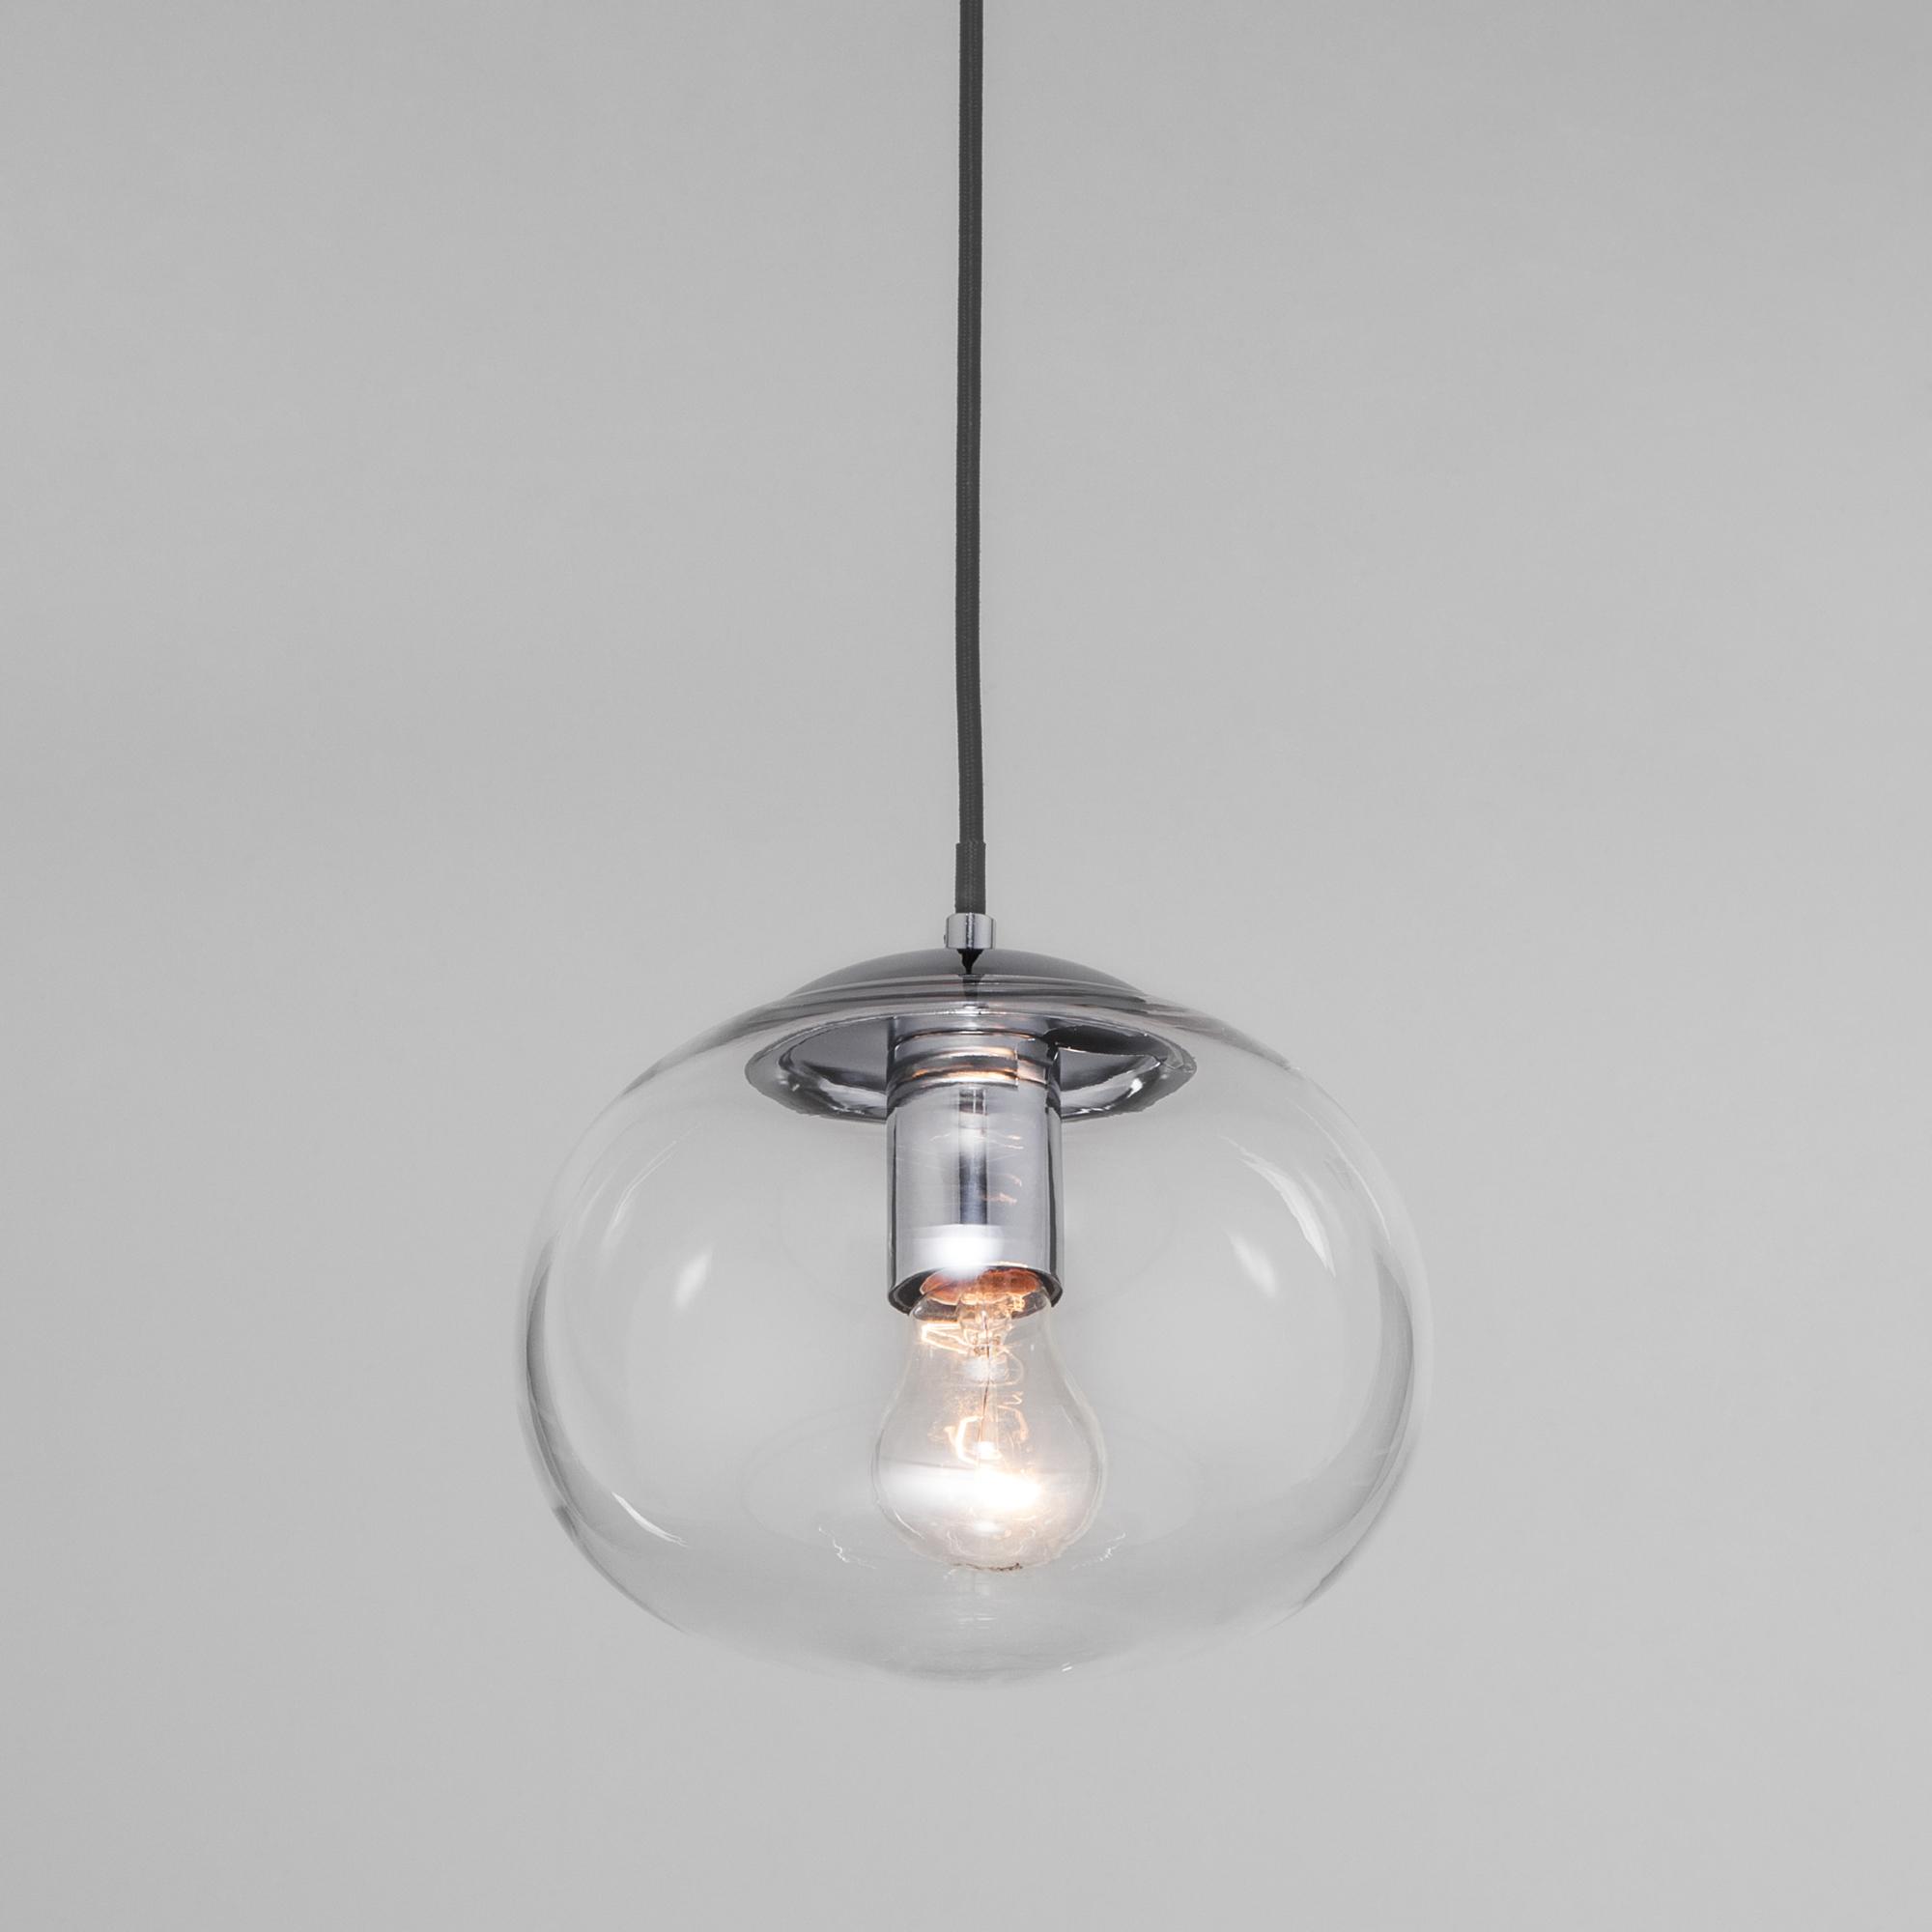 Подвесной светильник со стеклянным плафоном 50212/1 прозрачный